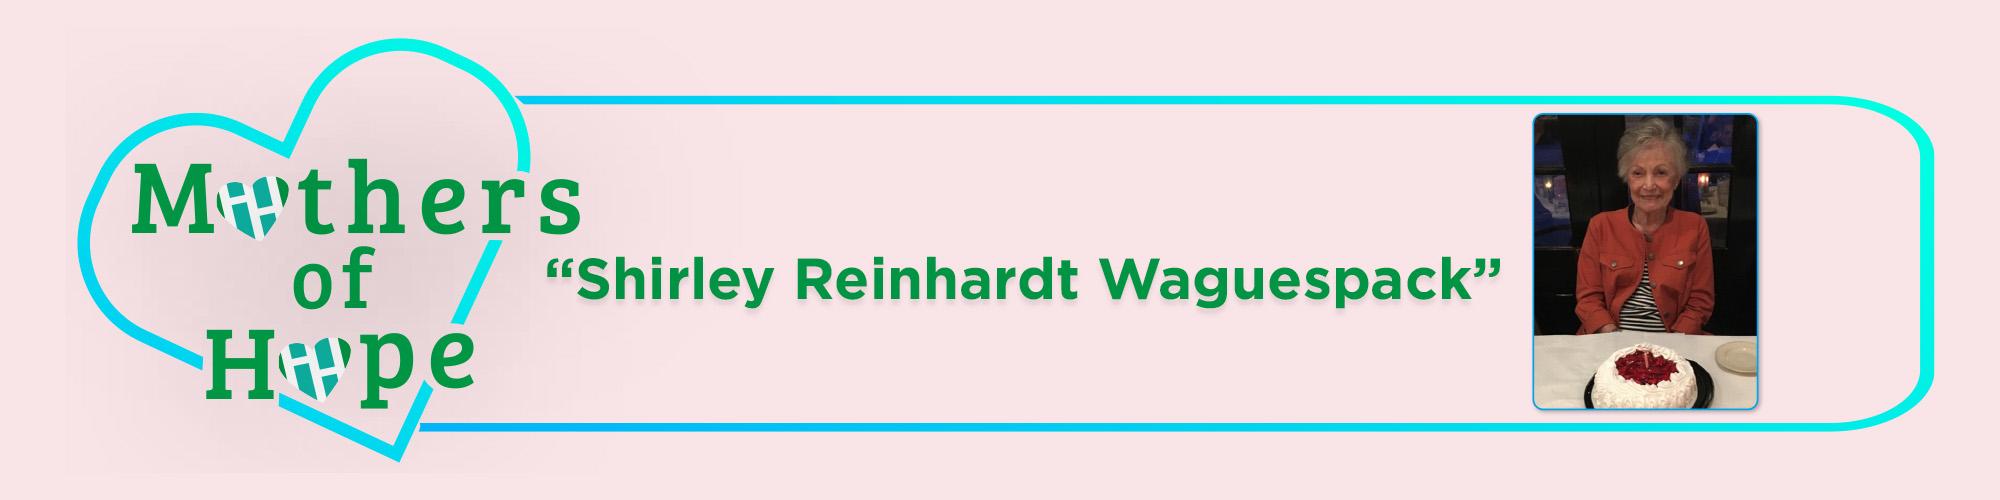 Shirley-Reinhardt-Waguespack